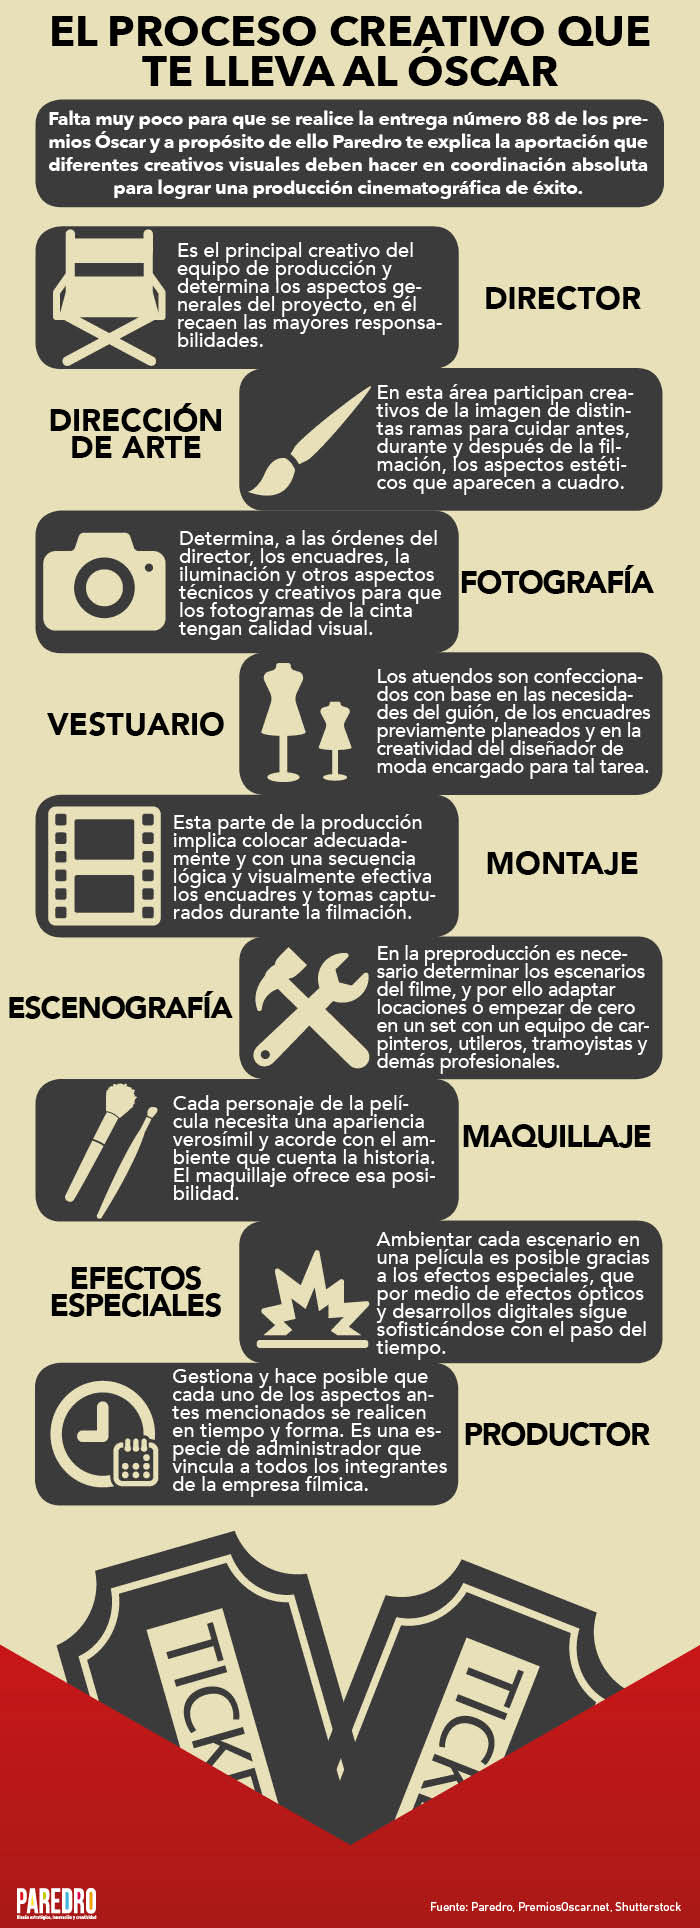 El proceso creativo que te lleva al Oscar